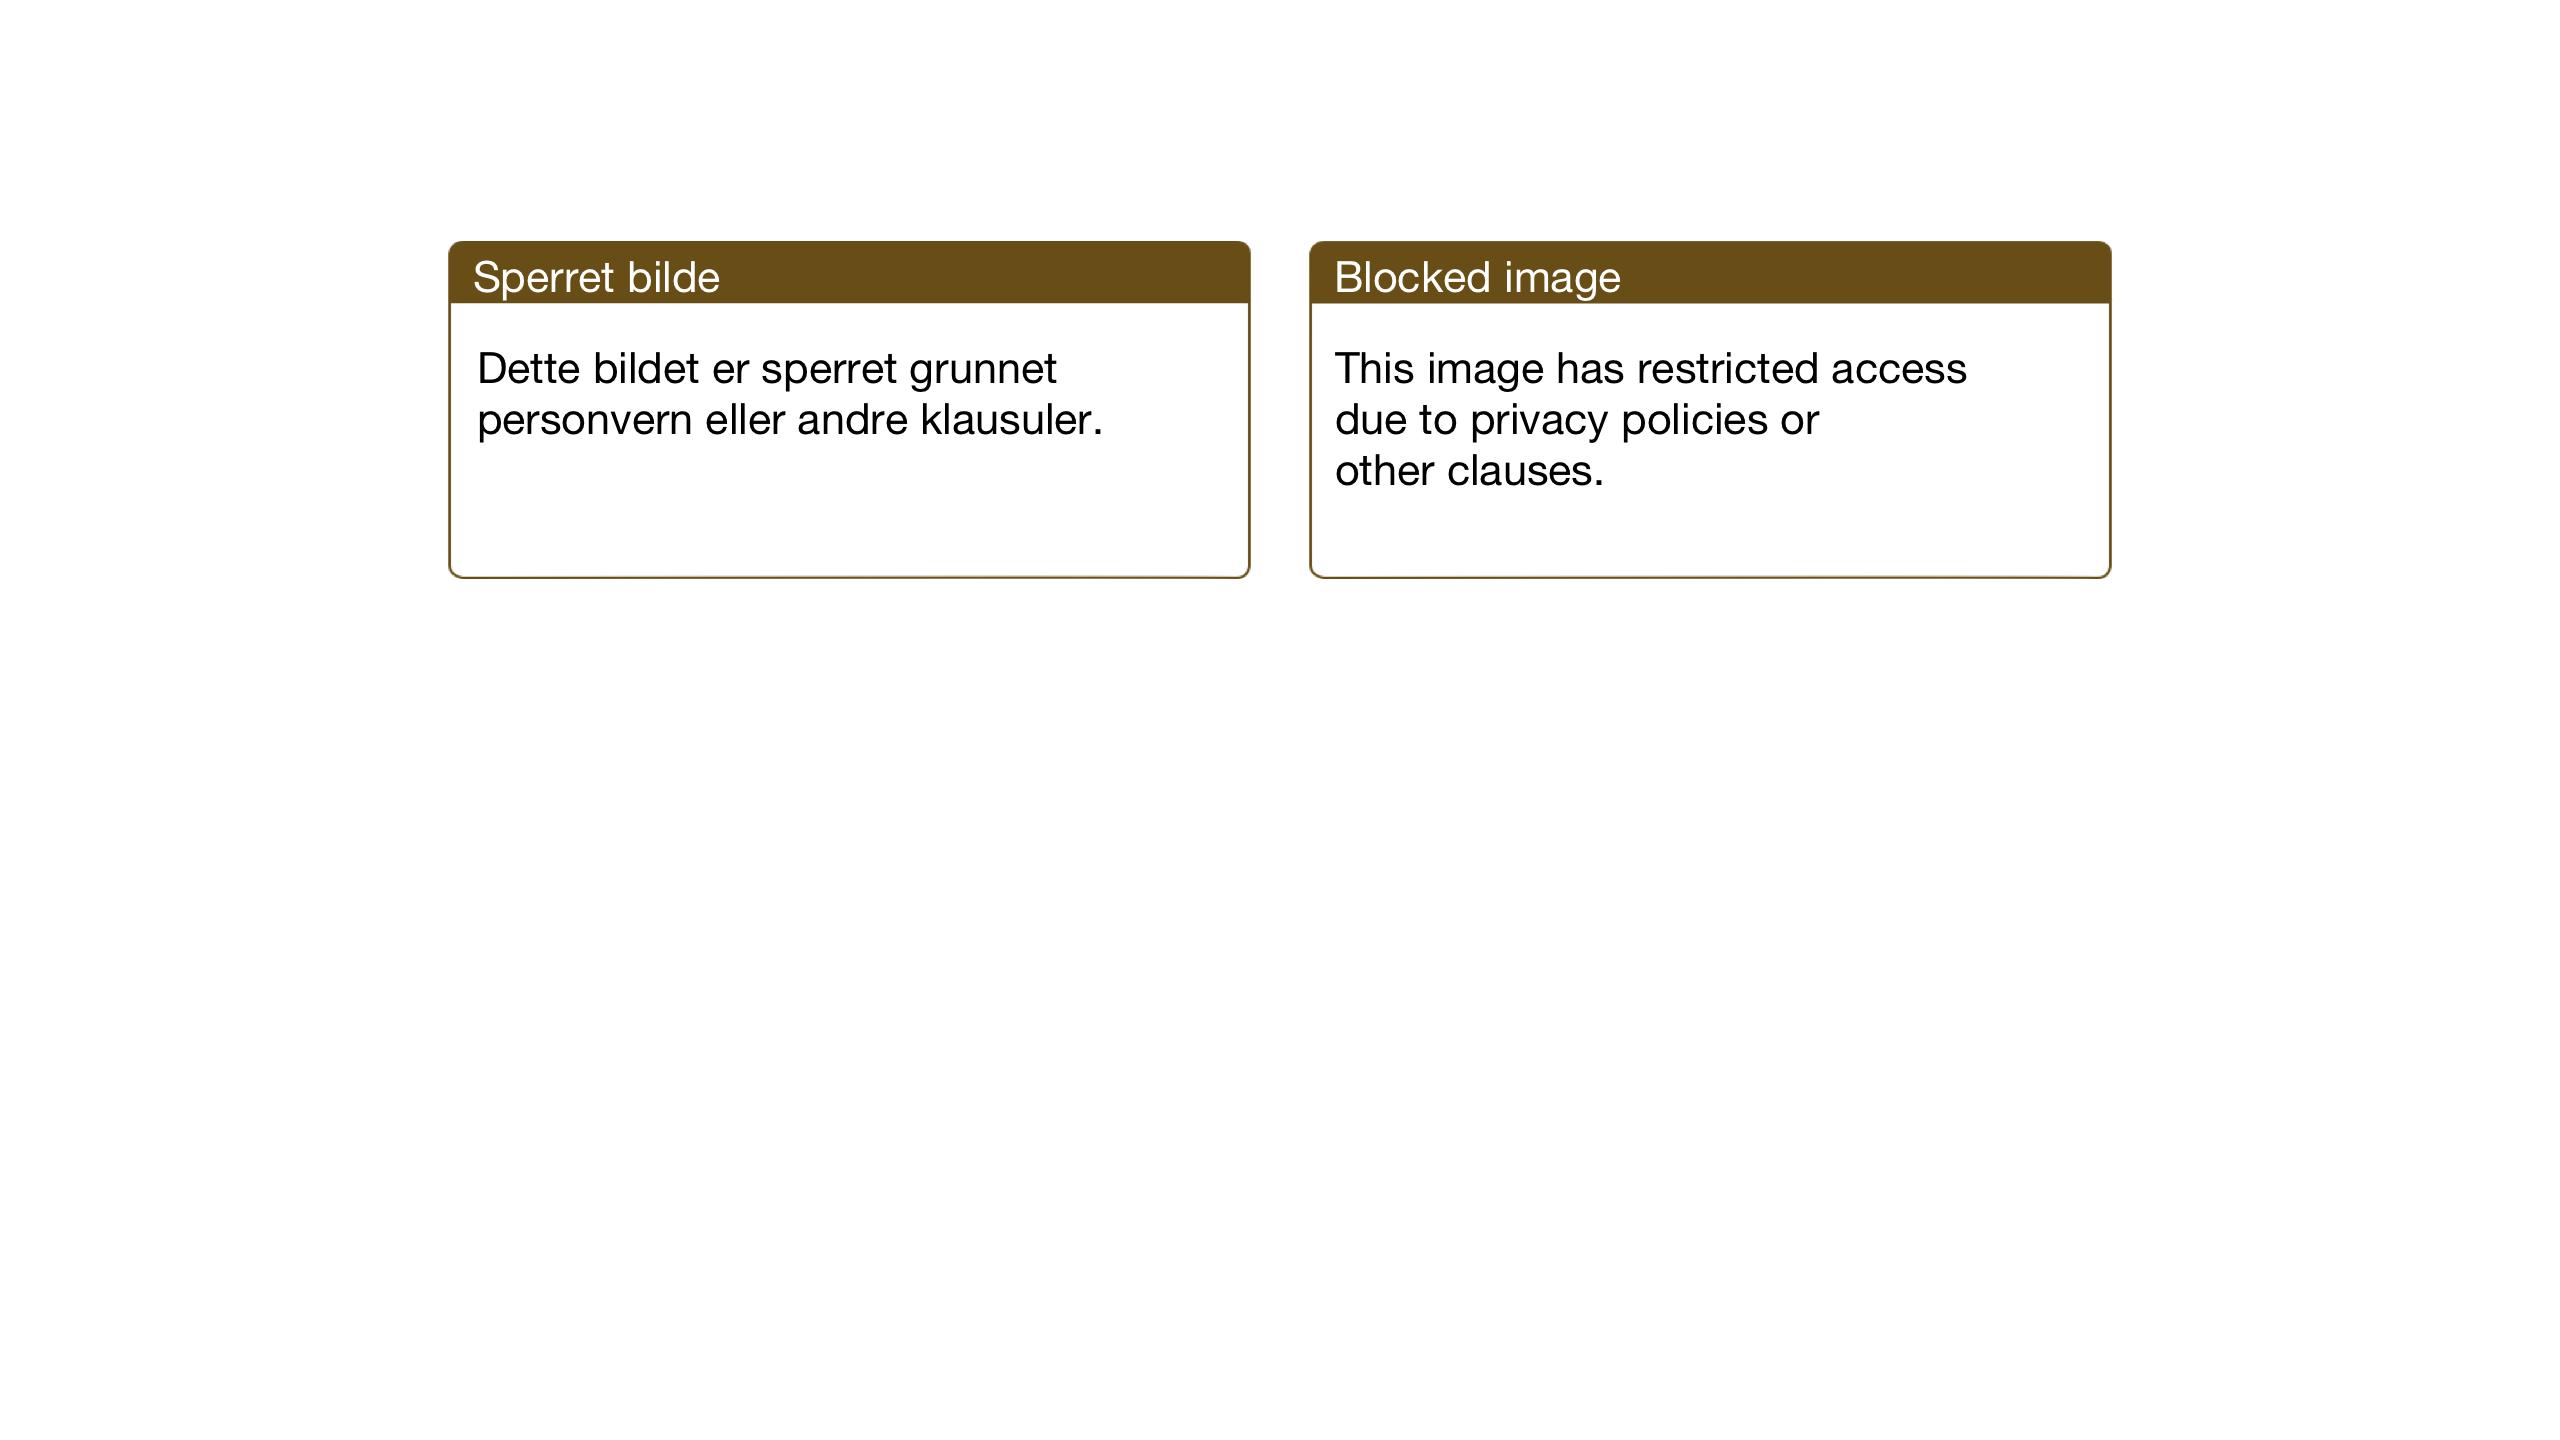 SAT, Ministerialprotokoller, klokkerbøker og fødselsregistre - Sør-Trøndelag, 607/L0328: Klokkerbok nr. 607C02, 1940-1948, s. 32